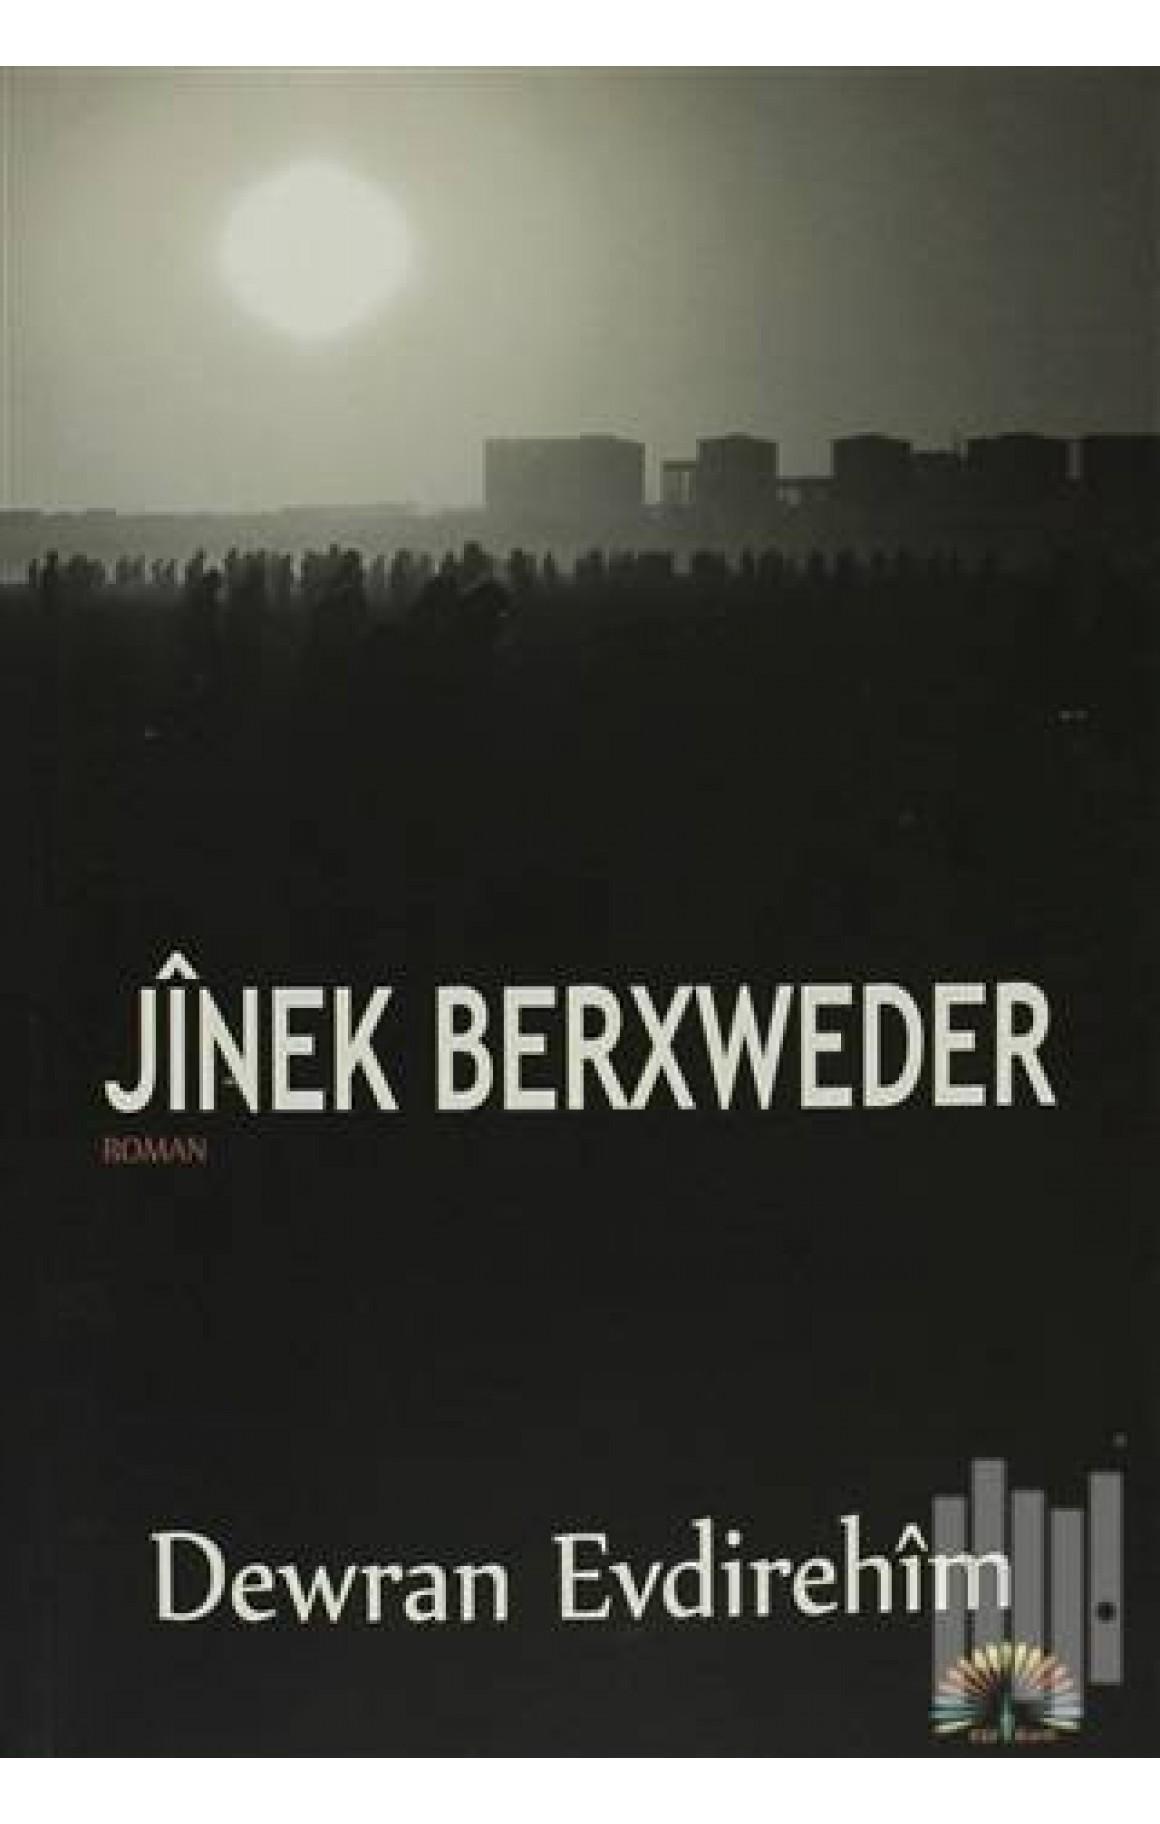 Jînek Berxweder